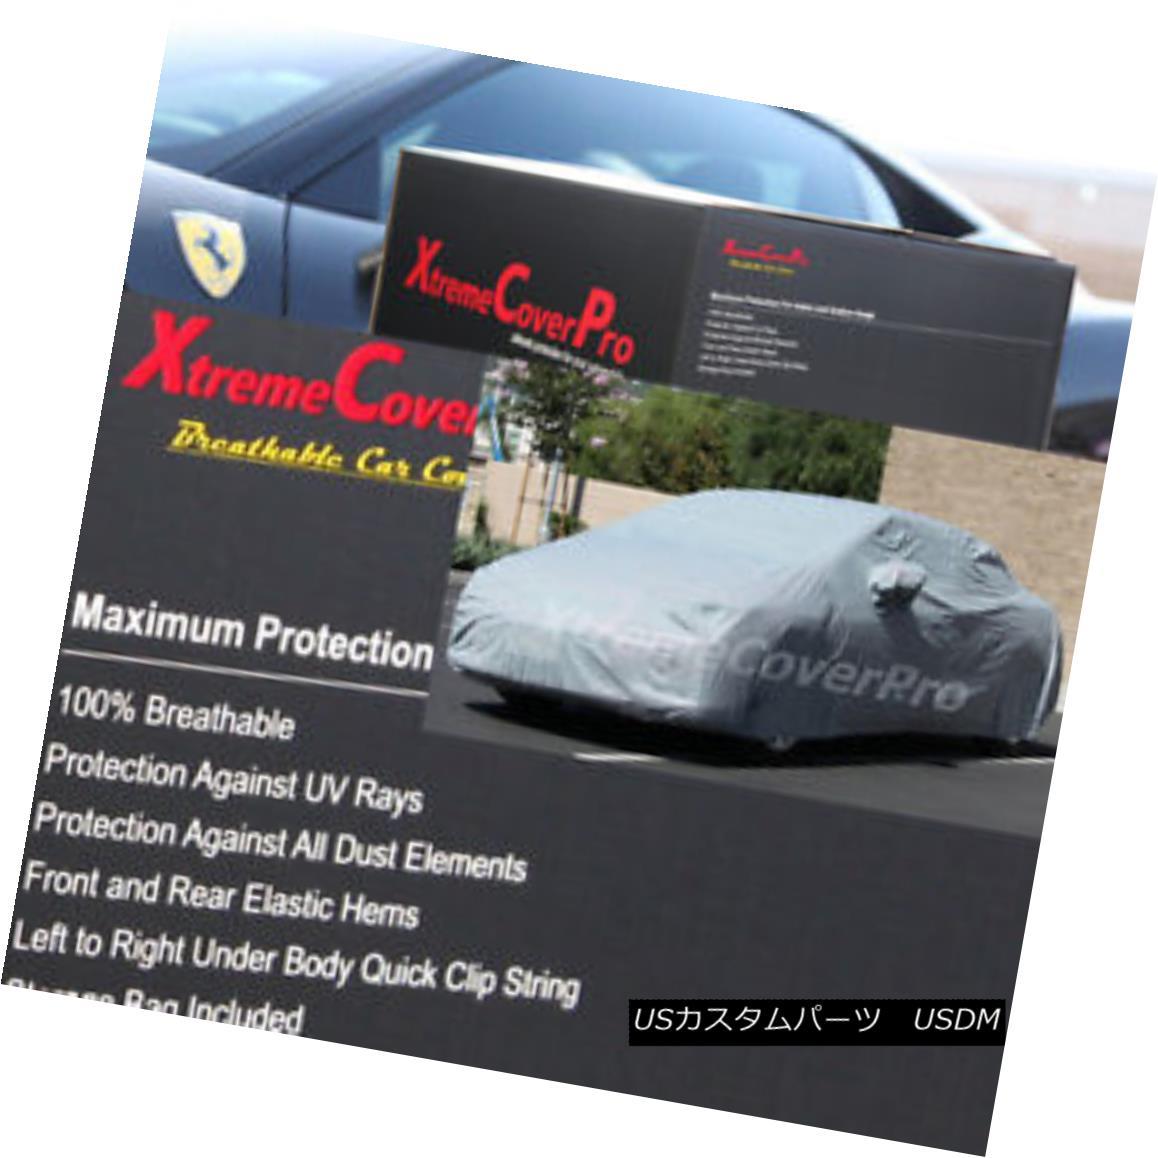 カーカバー 2010 Mercury Milan Breathable Car Cover w/MirrorPocket 2010年マーキュリーミラノ通気性の車カバー/ MirrorPocket